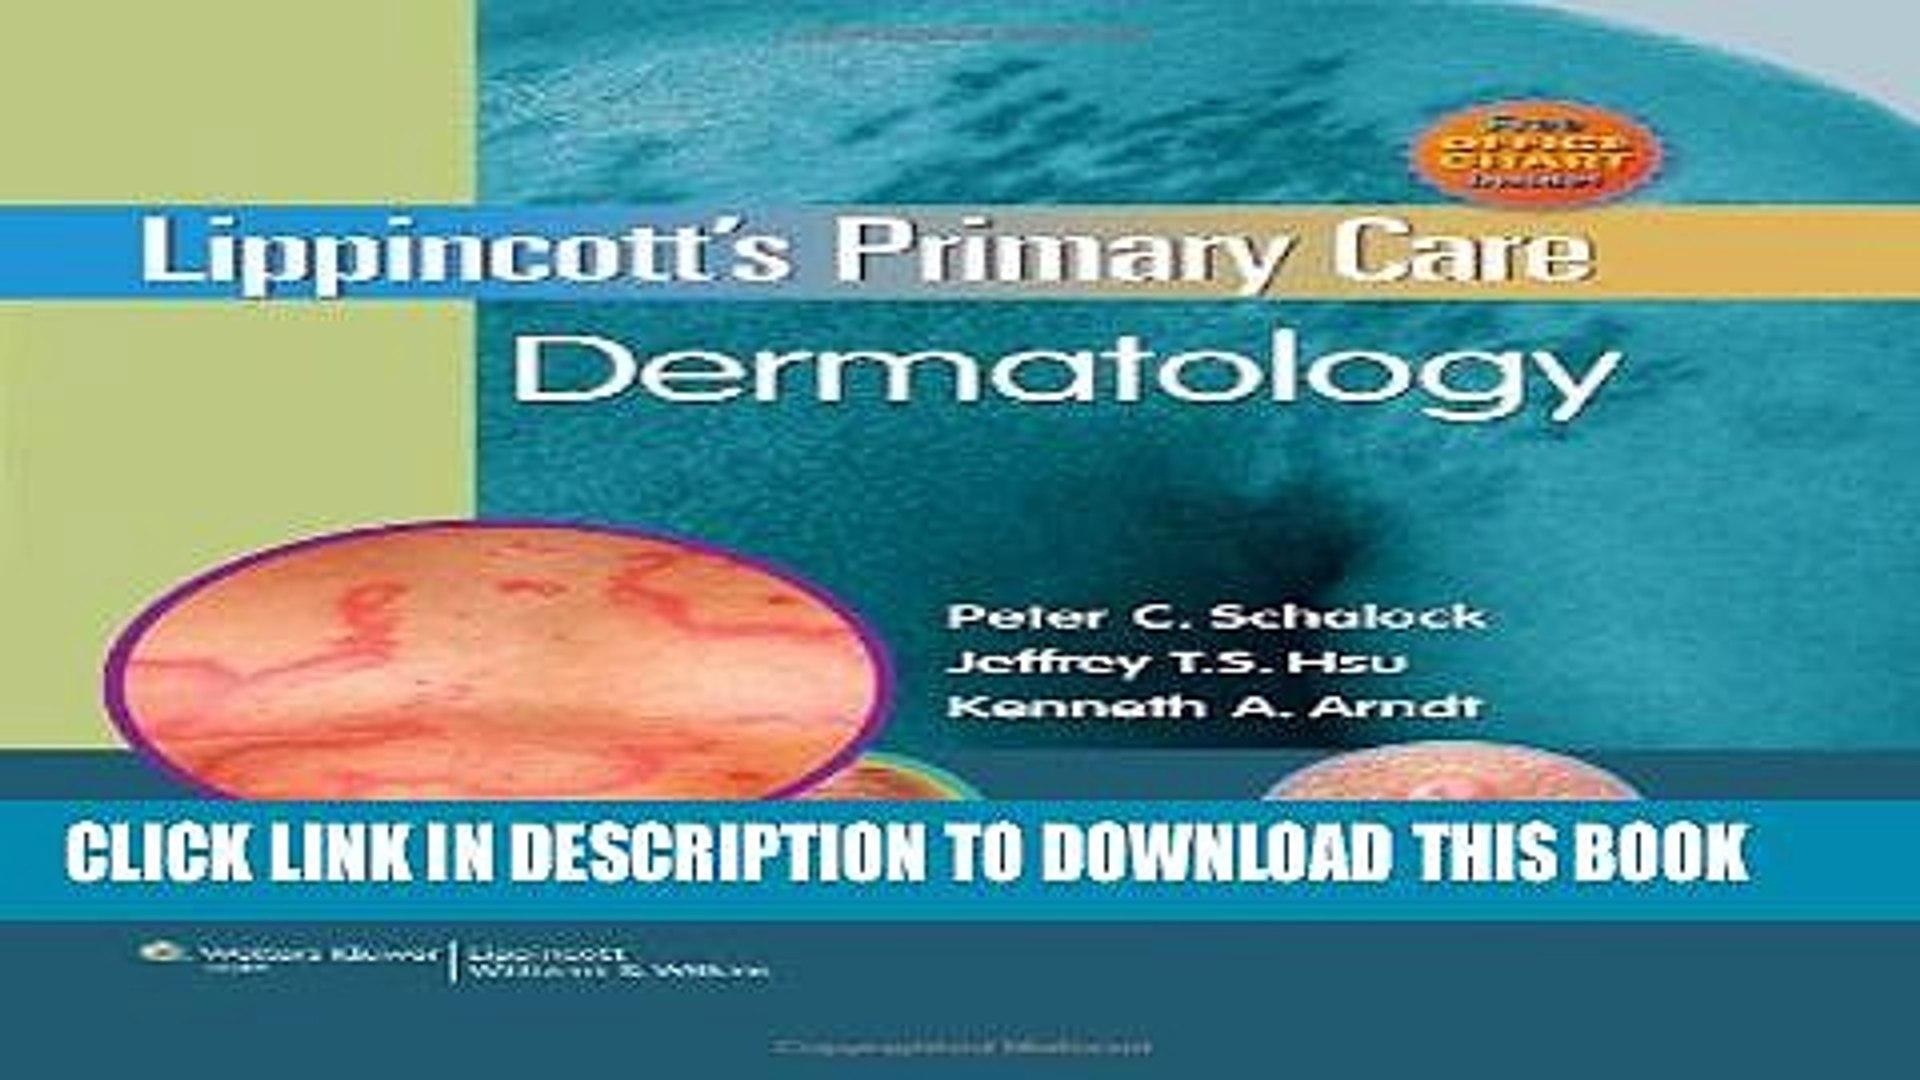 Lippincotts Primary Care Dermatology